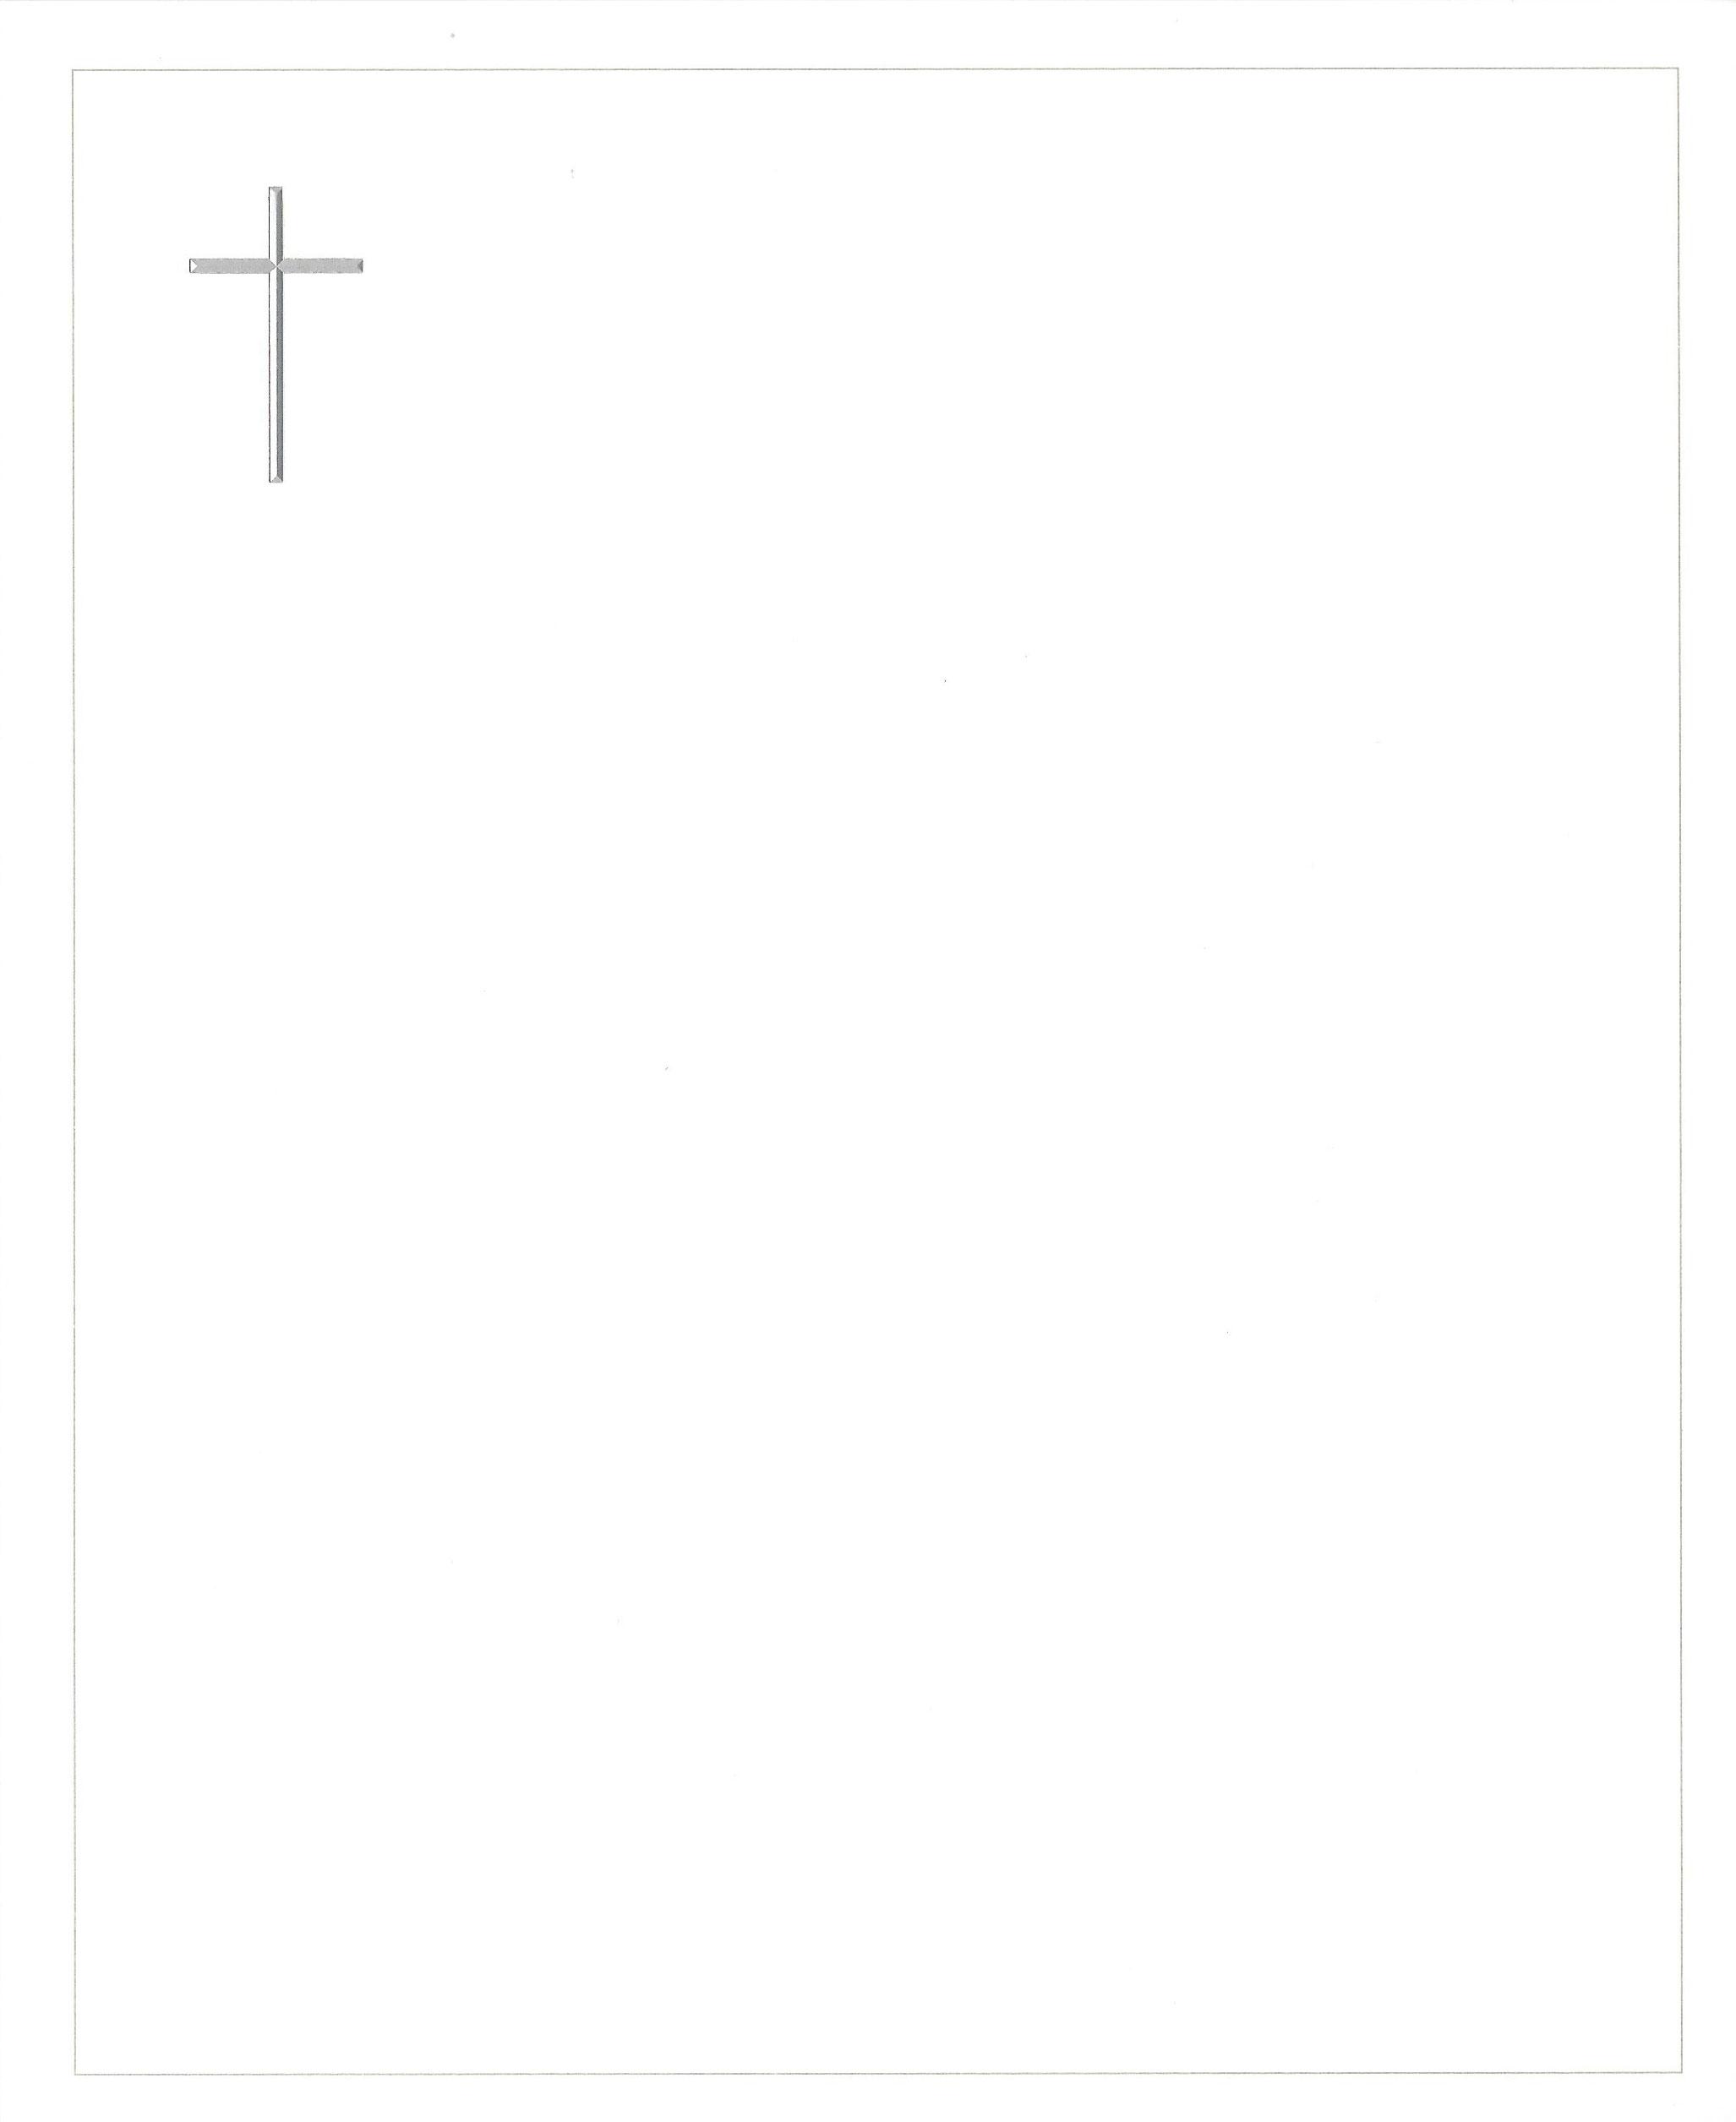 Zilveren kruis Rouwkaart Rouwcirculaire Dankbetuiging